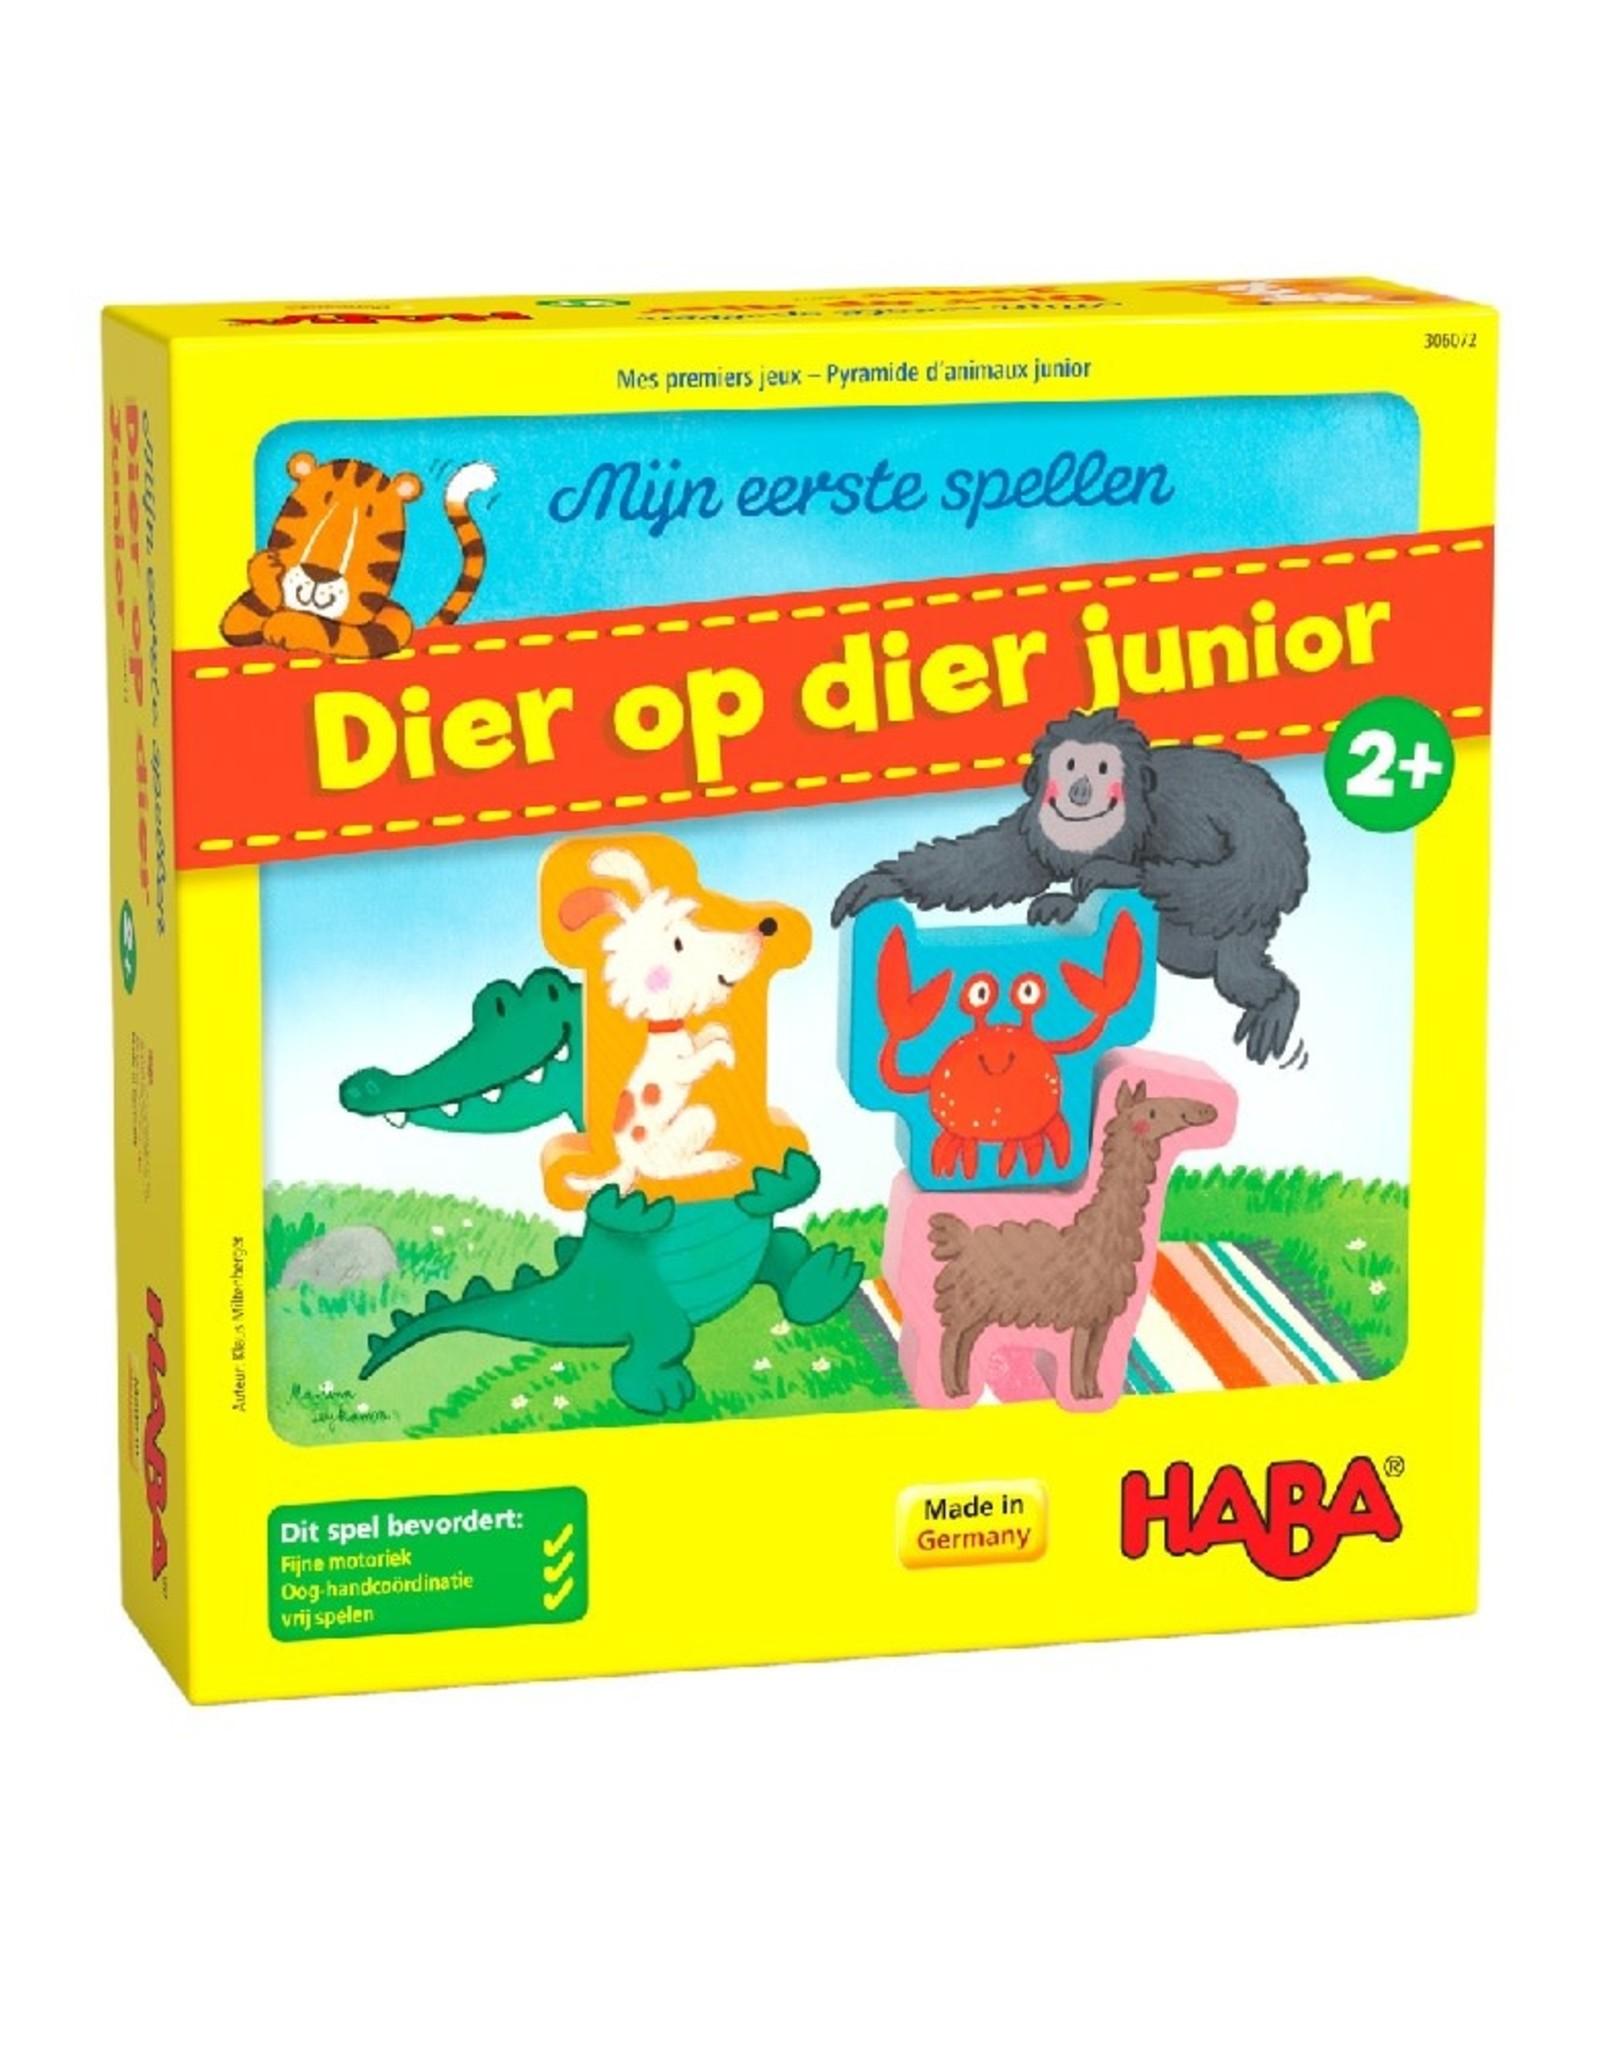 HABA Eerste spel Dier op dier junior